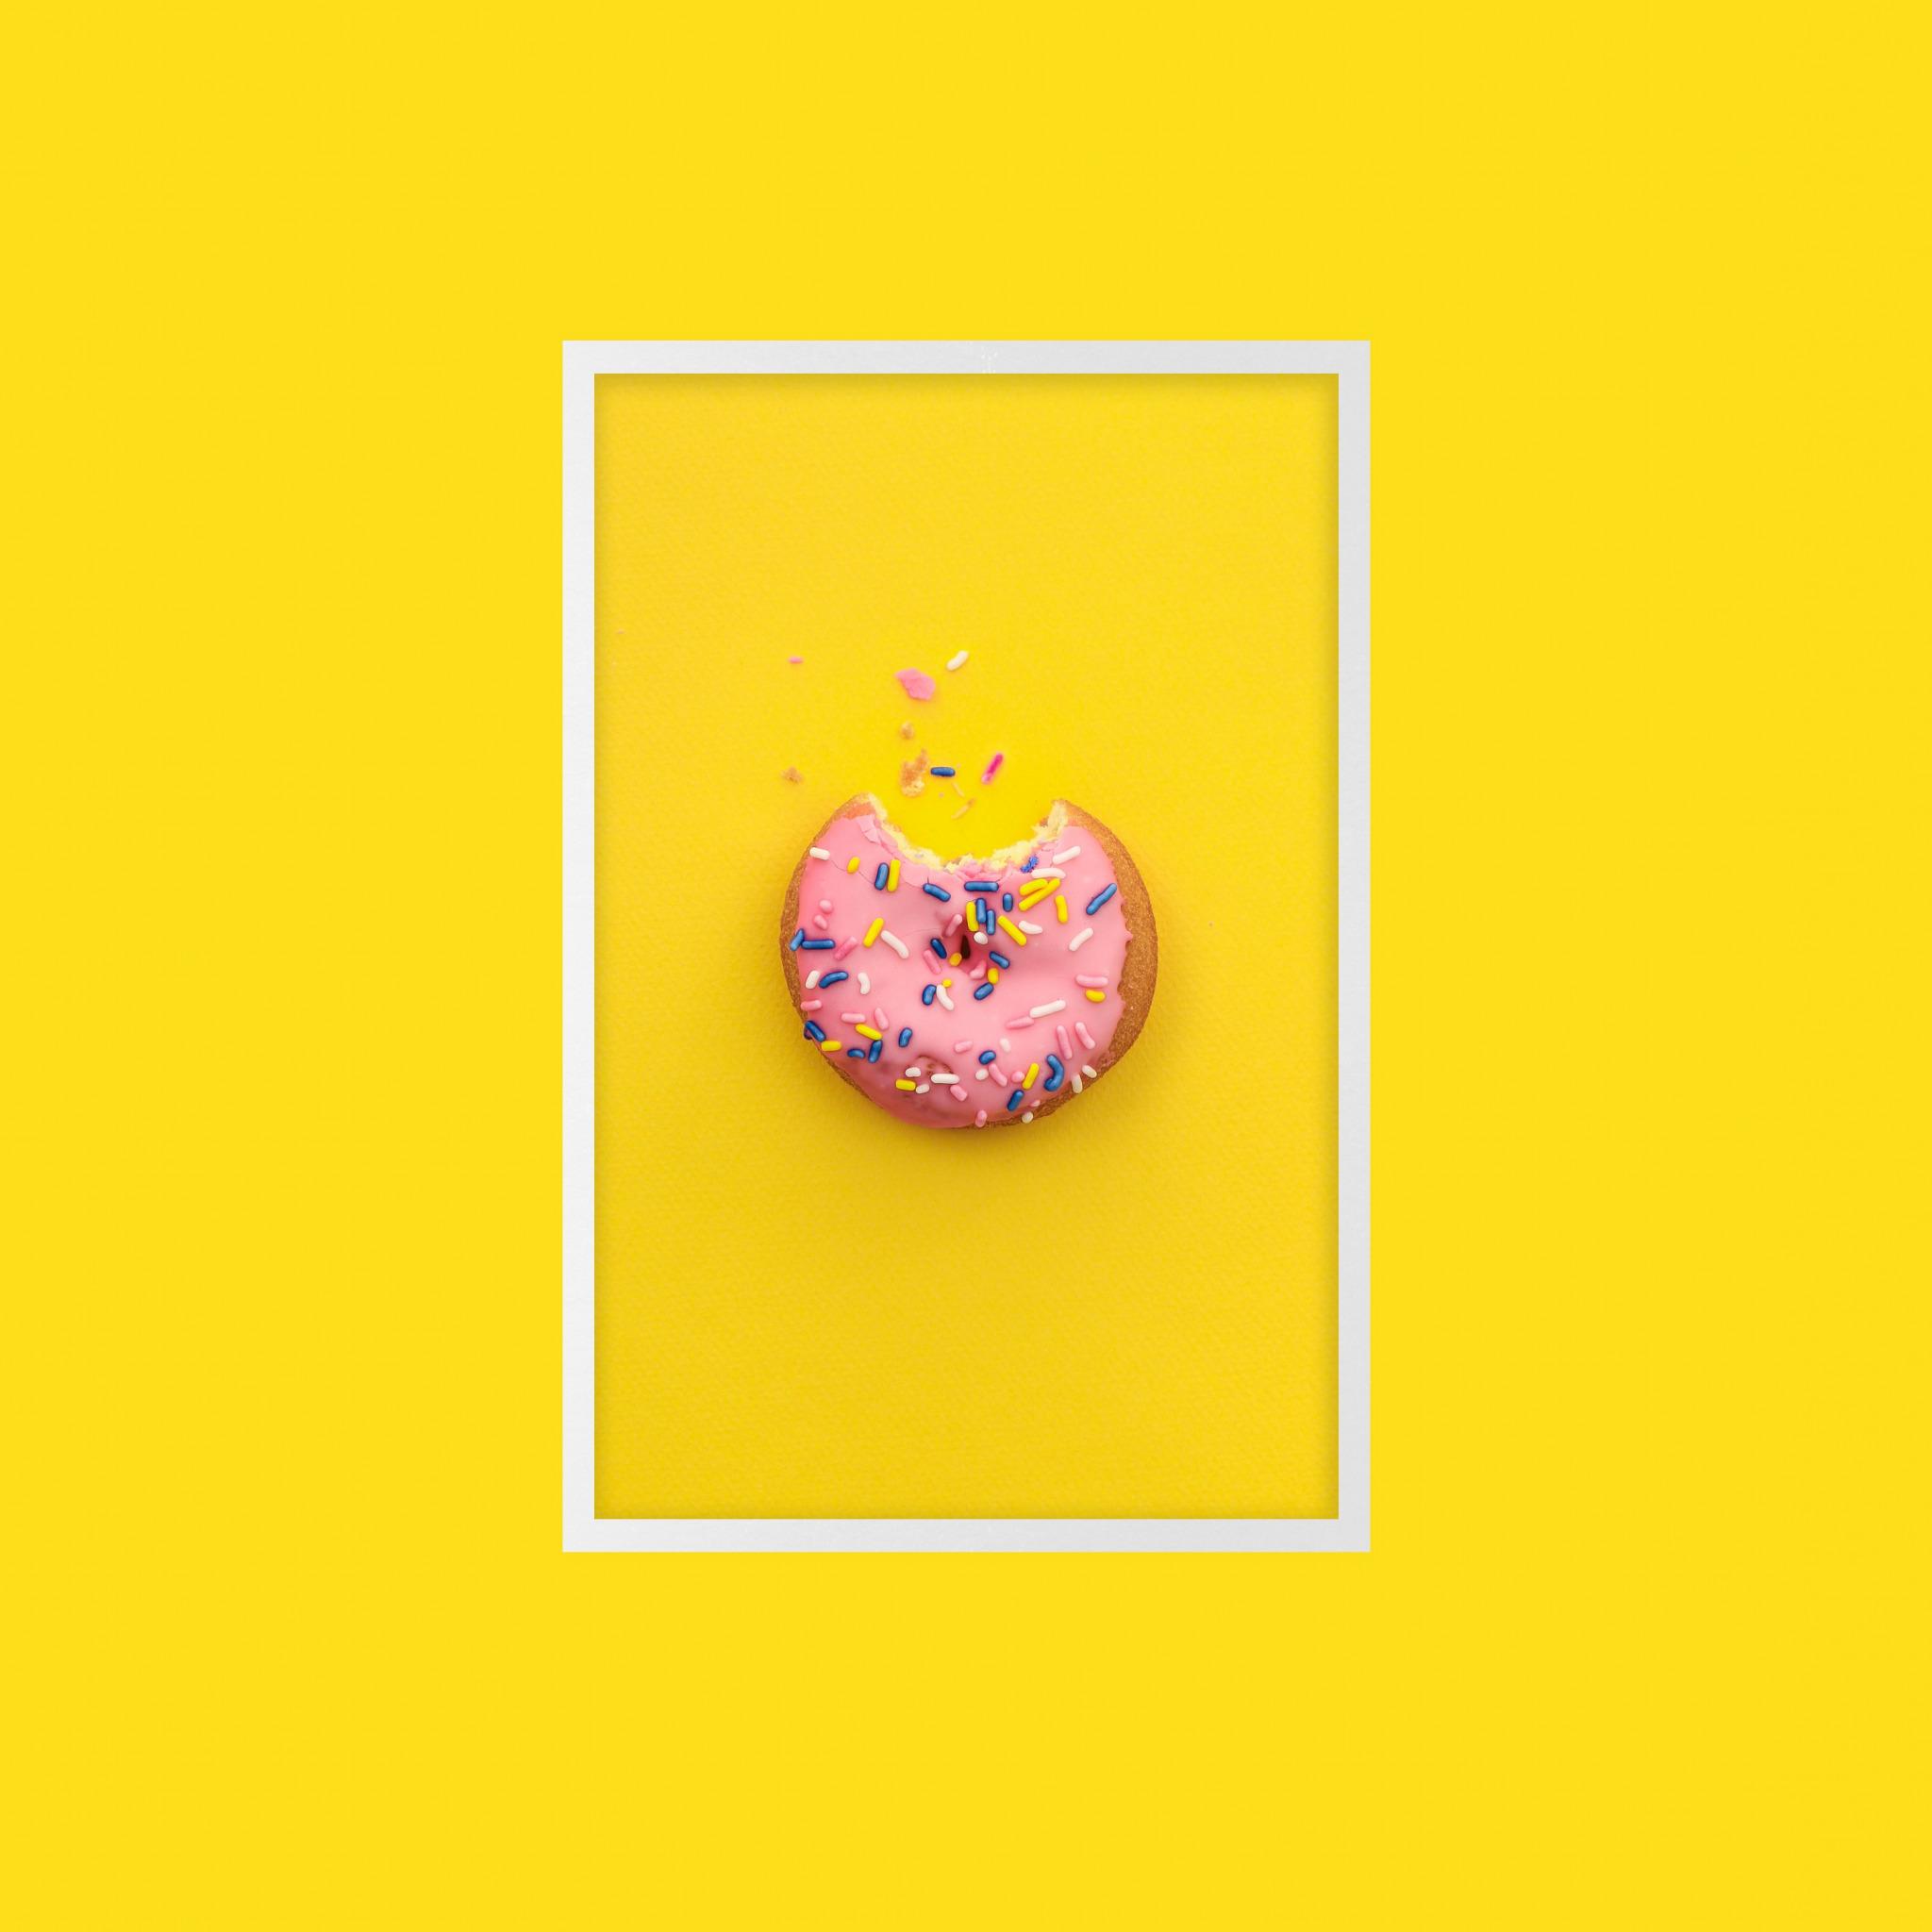 приезду обои пончики симпсоны предлагаем полный